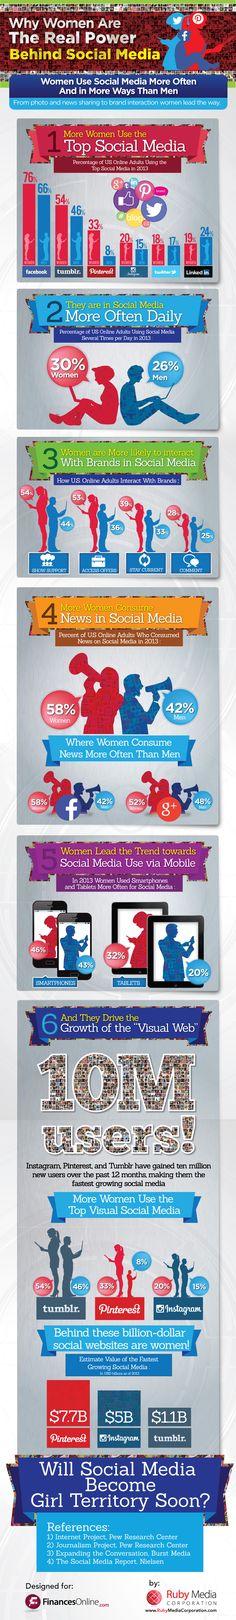 ¿Están dominando las mujeres los #SocialMedia? Cómo están utilizando las mujeres los social media, y cuales son sus hábitos.